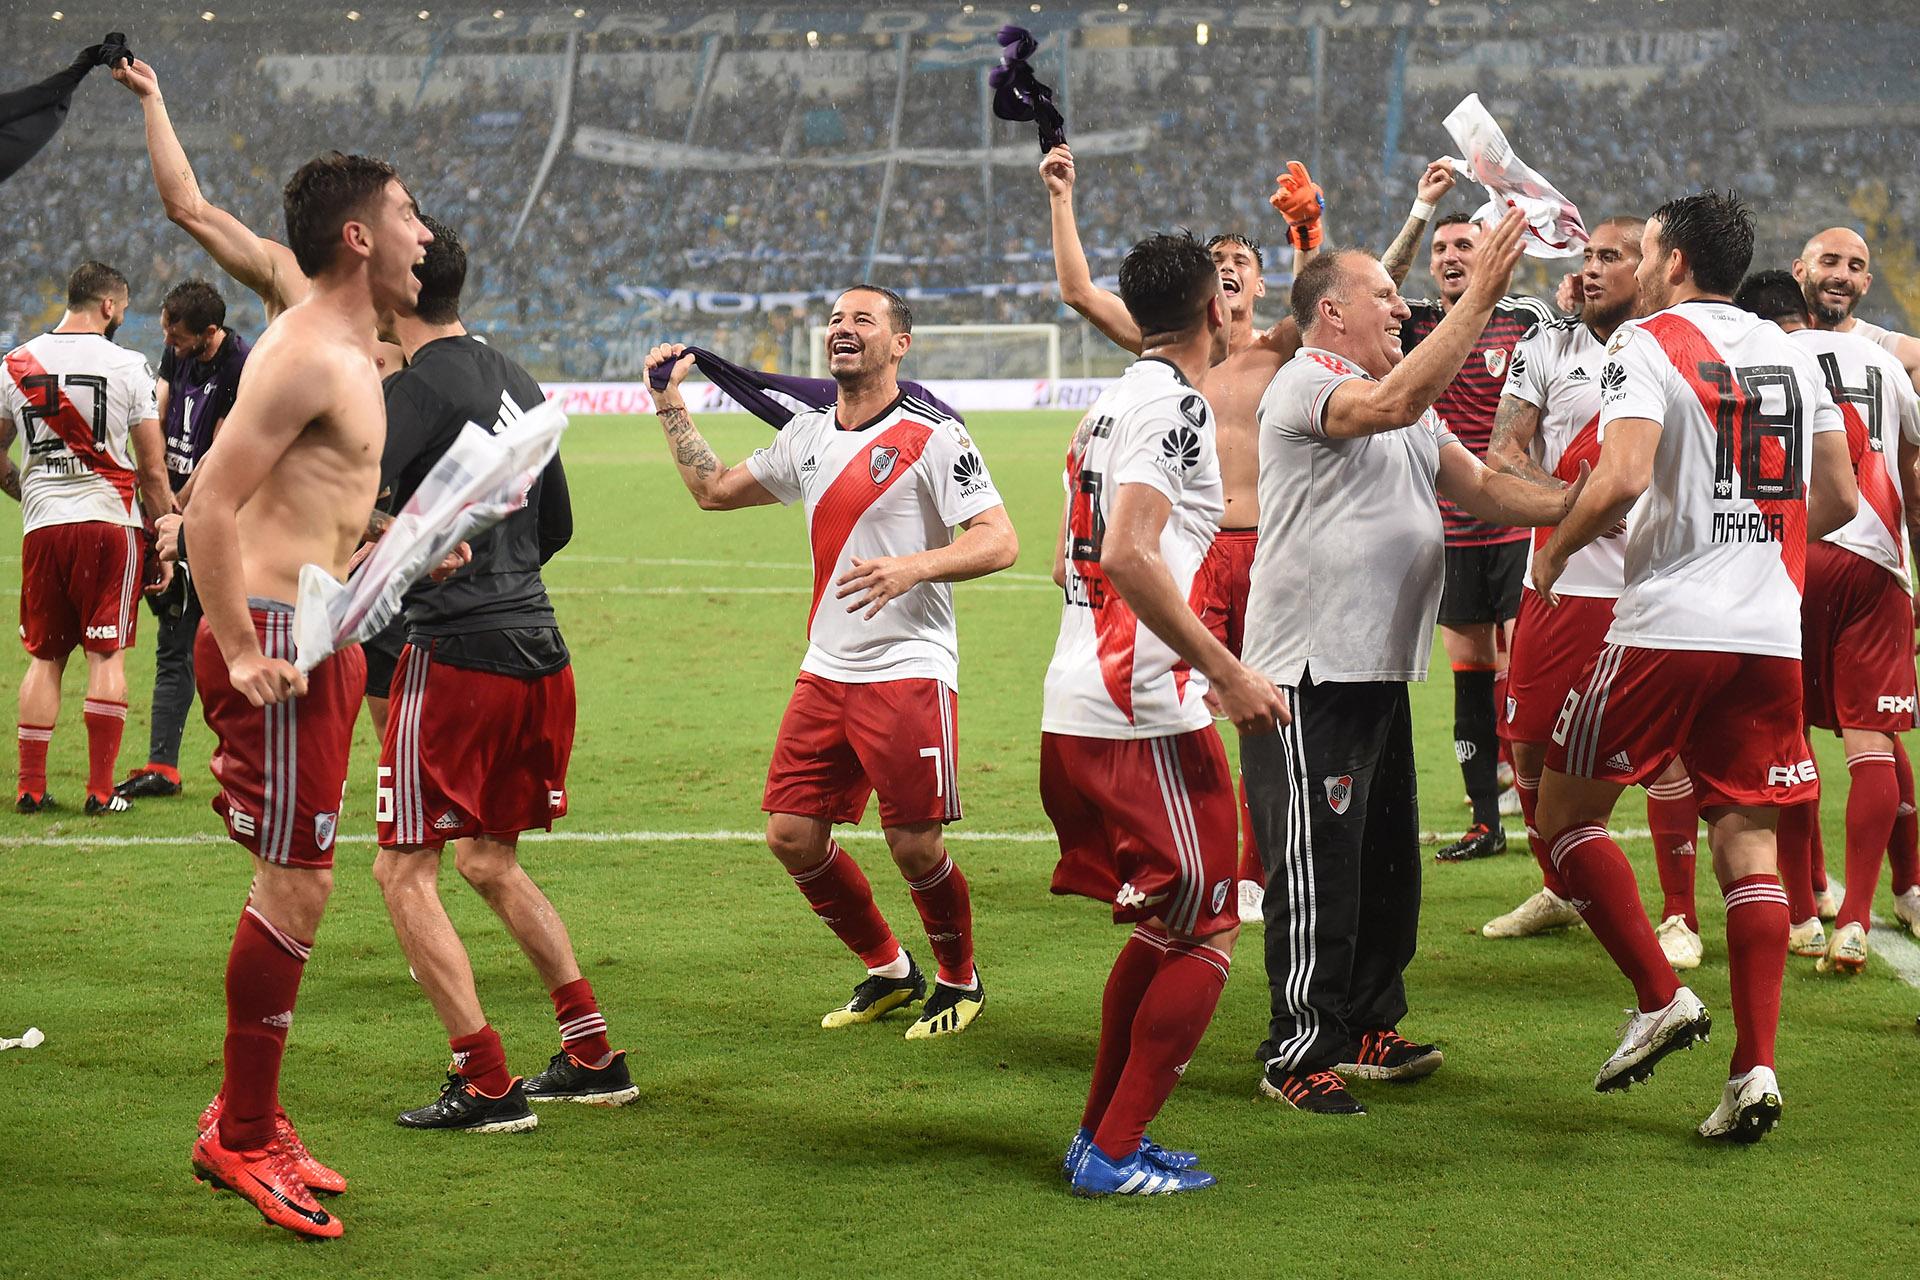 River se clasificó a la final de la Copa Libertadores y los jugadores celebraron frente a los hinchas por largo rato tras el partido (Fotobaires)